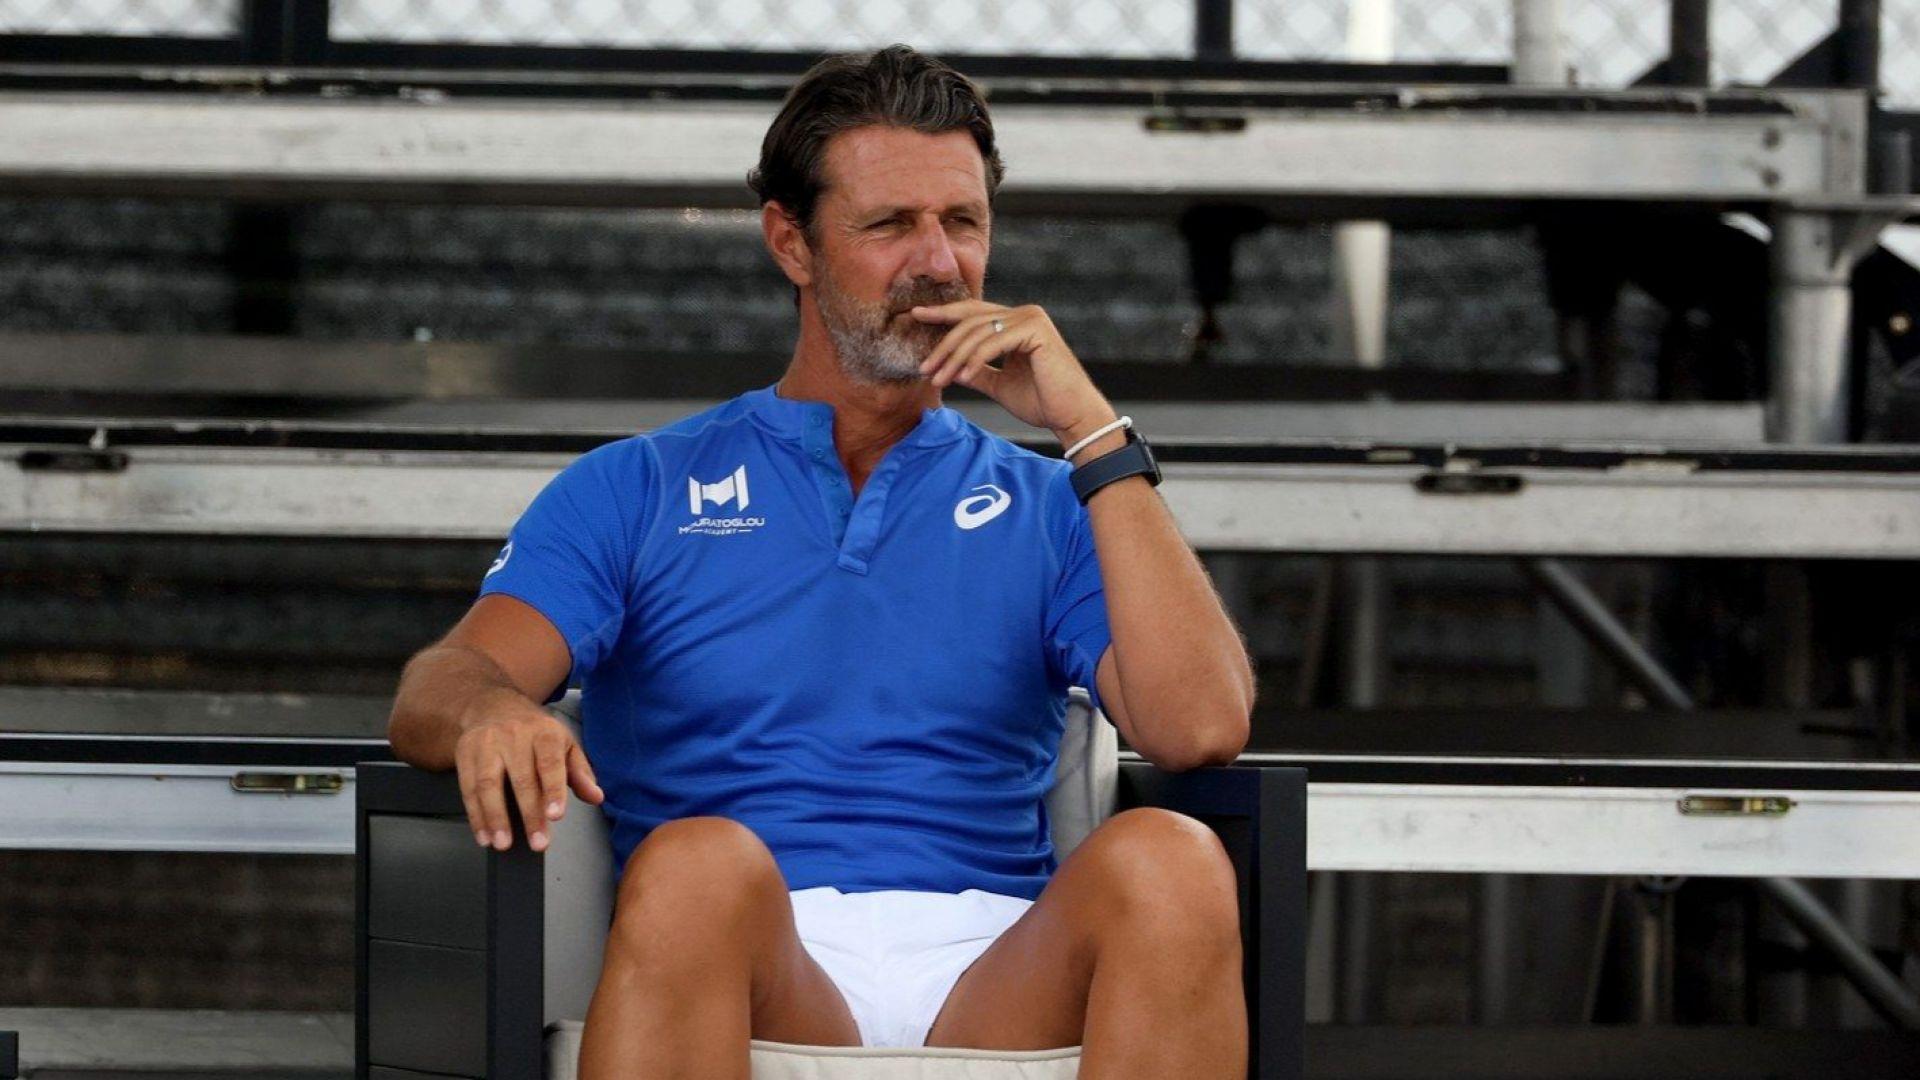 Треньорът на Серина отправи критики към Джокович след финала